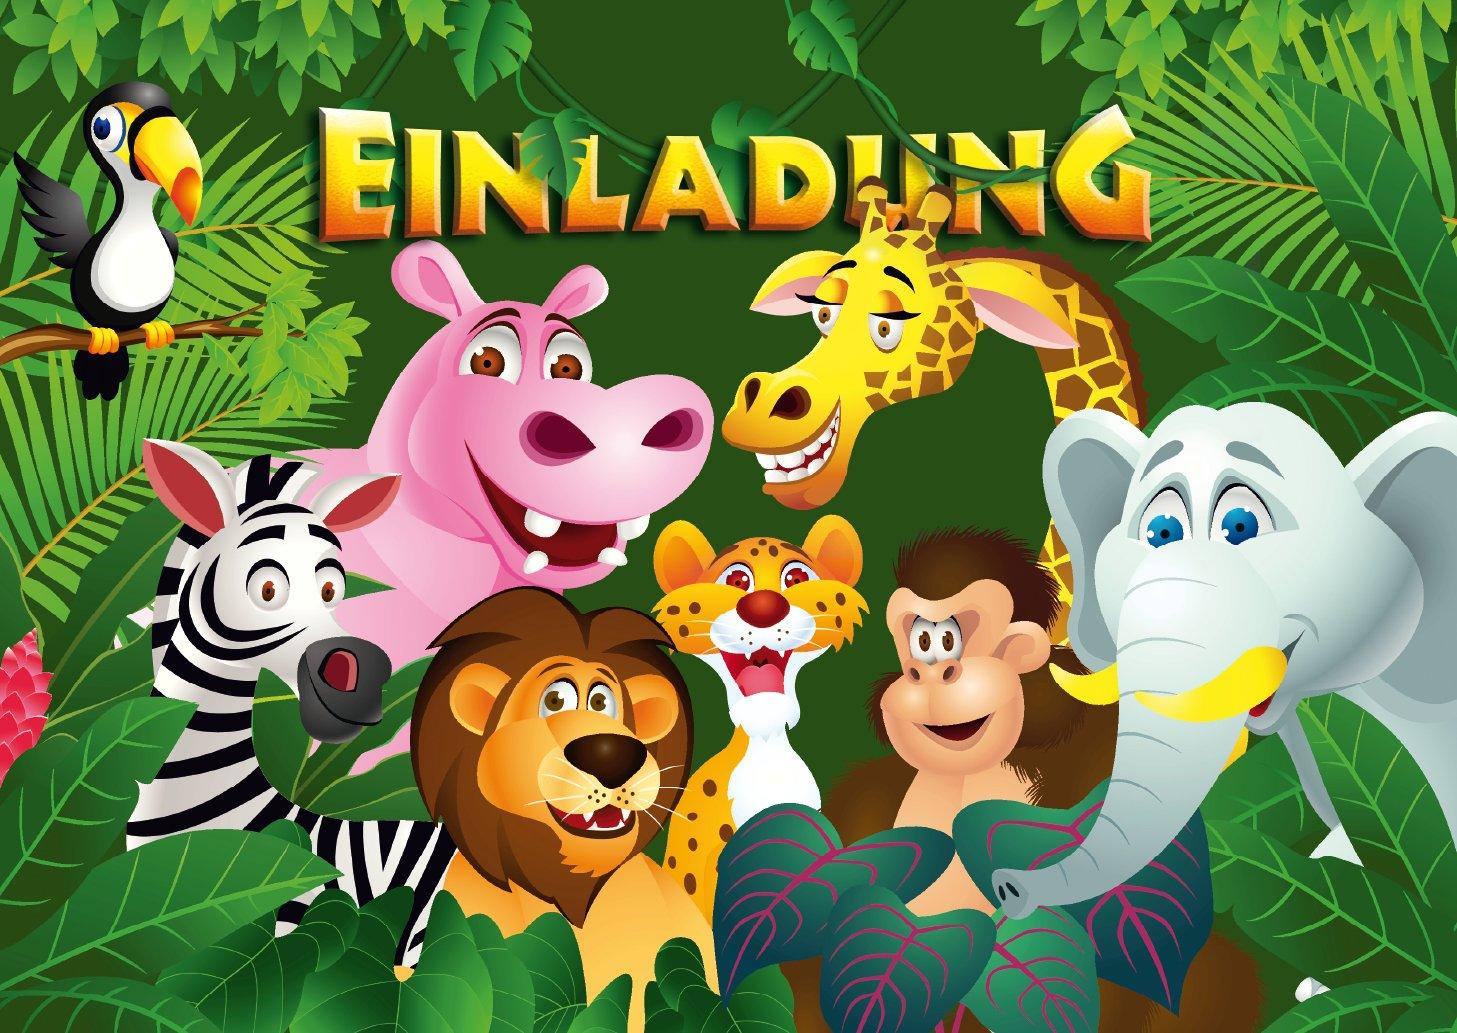 '12biglietti d' invito Animali dello Zoo/Compleanno Inviti Ragazzi Ragazze Bambini: set di 12inviti per la festa di compleanno bambini im Zoo/Safari Park/Foresta pluviale casa von Edition Colibri (10968)